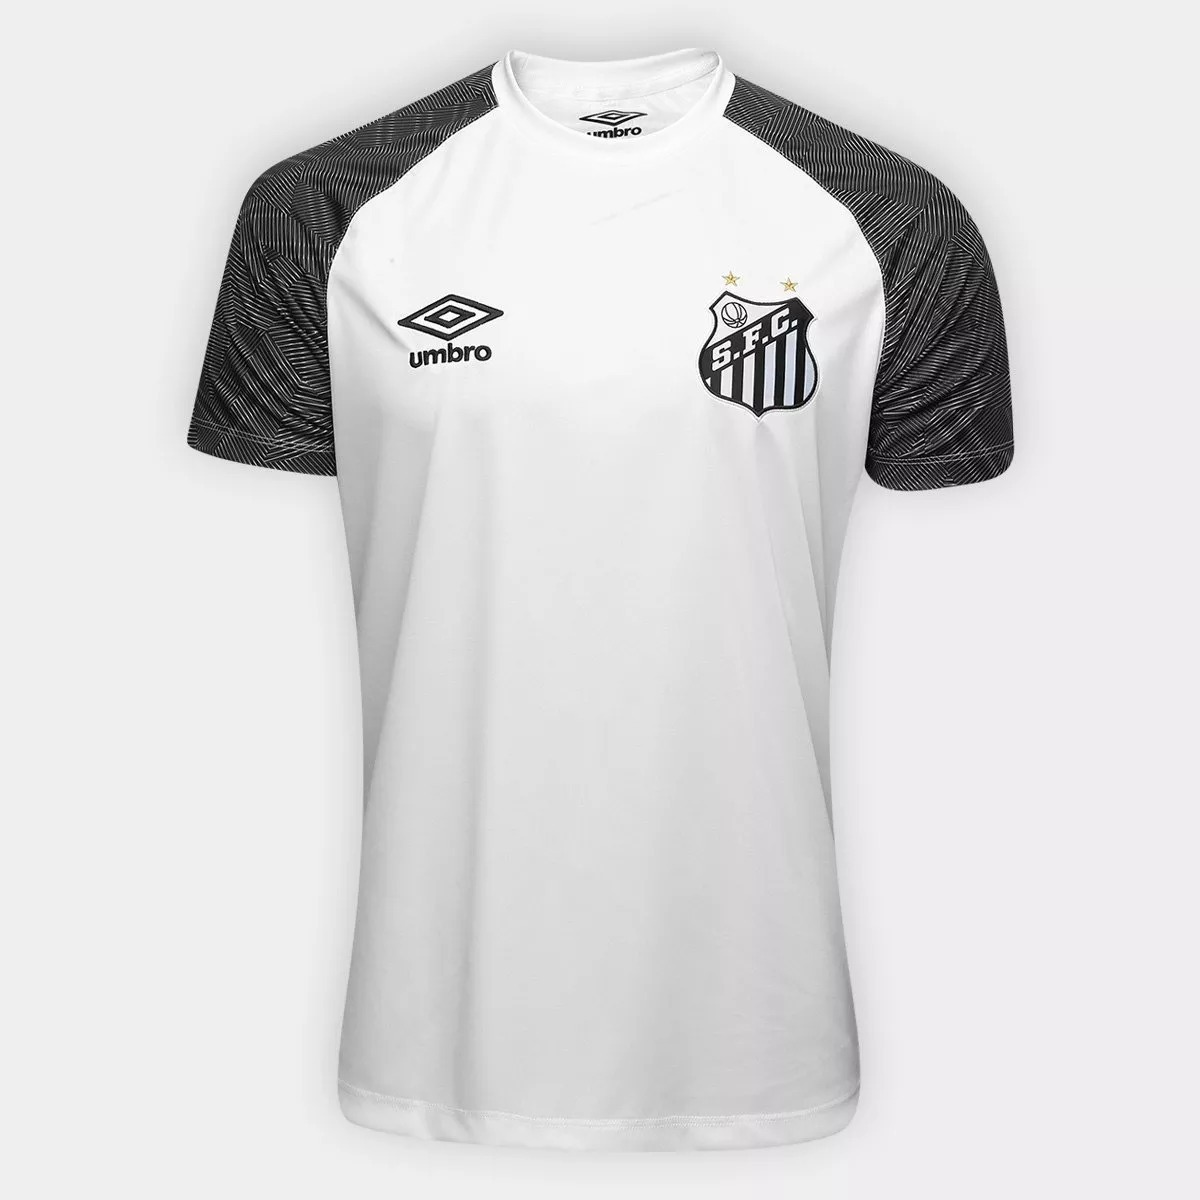 515f7e381a camisa santos treino oficial umbro 2018 2019 c  nota fiscal. Carregando  zoom.